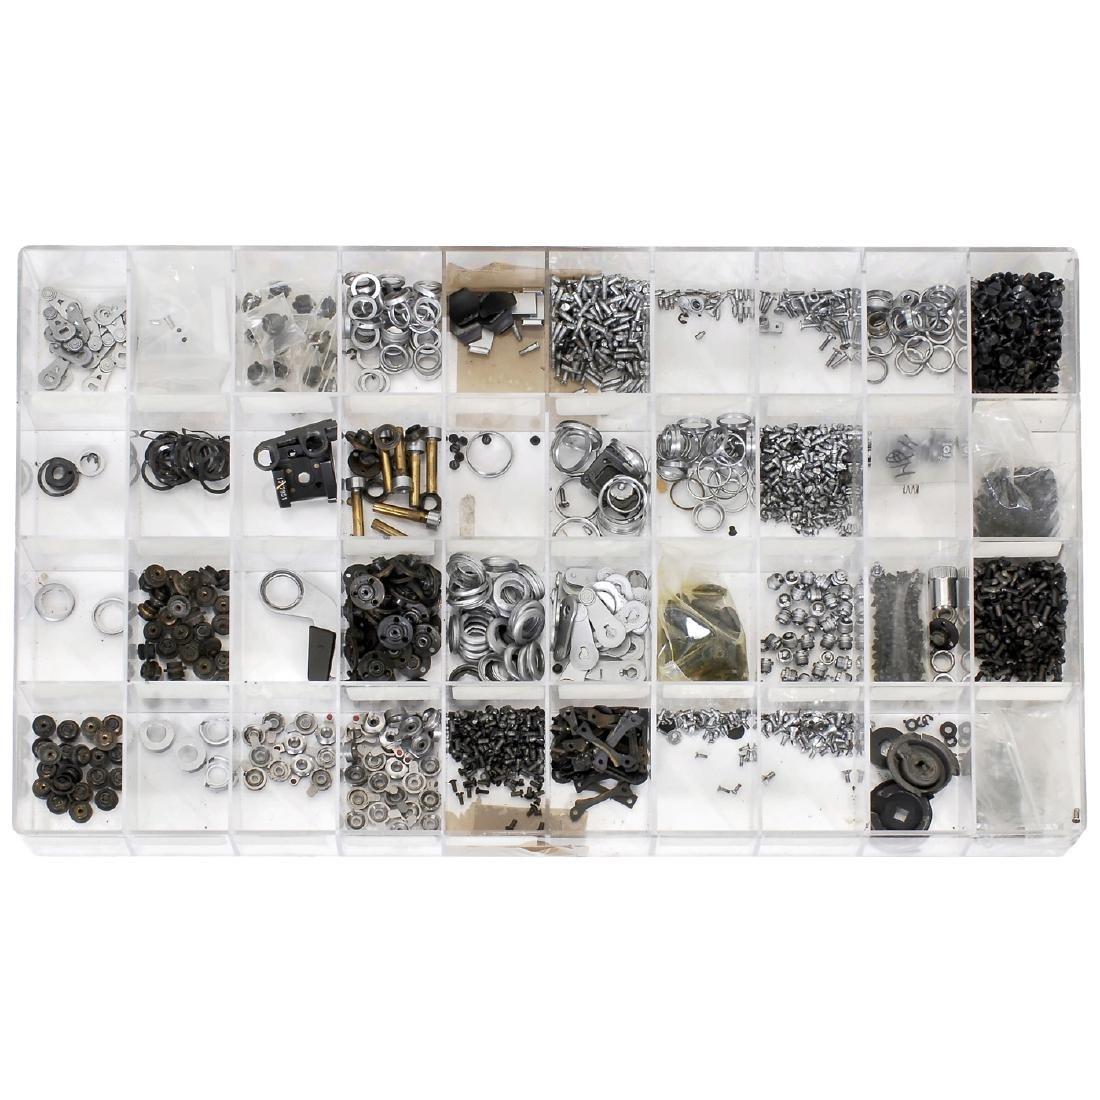 Spare Parts for Leica M Cameras - 2